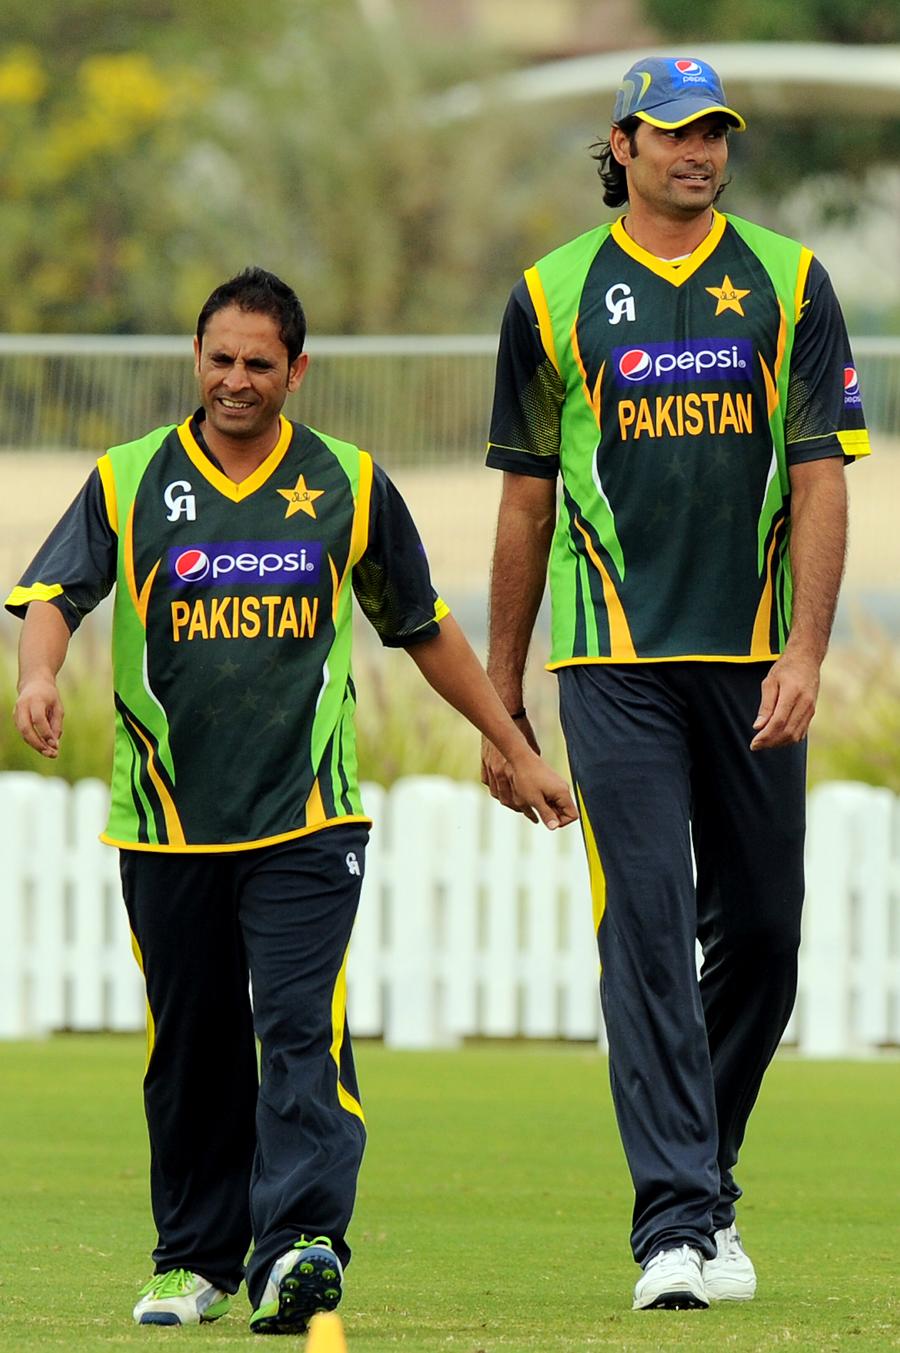 پاکستان کے لیے اس سے بڑی بدقسمتی کوئی نہ ہوگی کہ وہ ورلڈ کپ میں محمد عرفان (دائیں) کی خدمات سے محروم ہوجائے (تصویر: AFP)